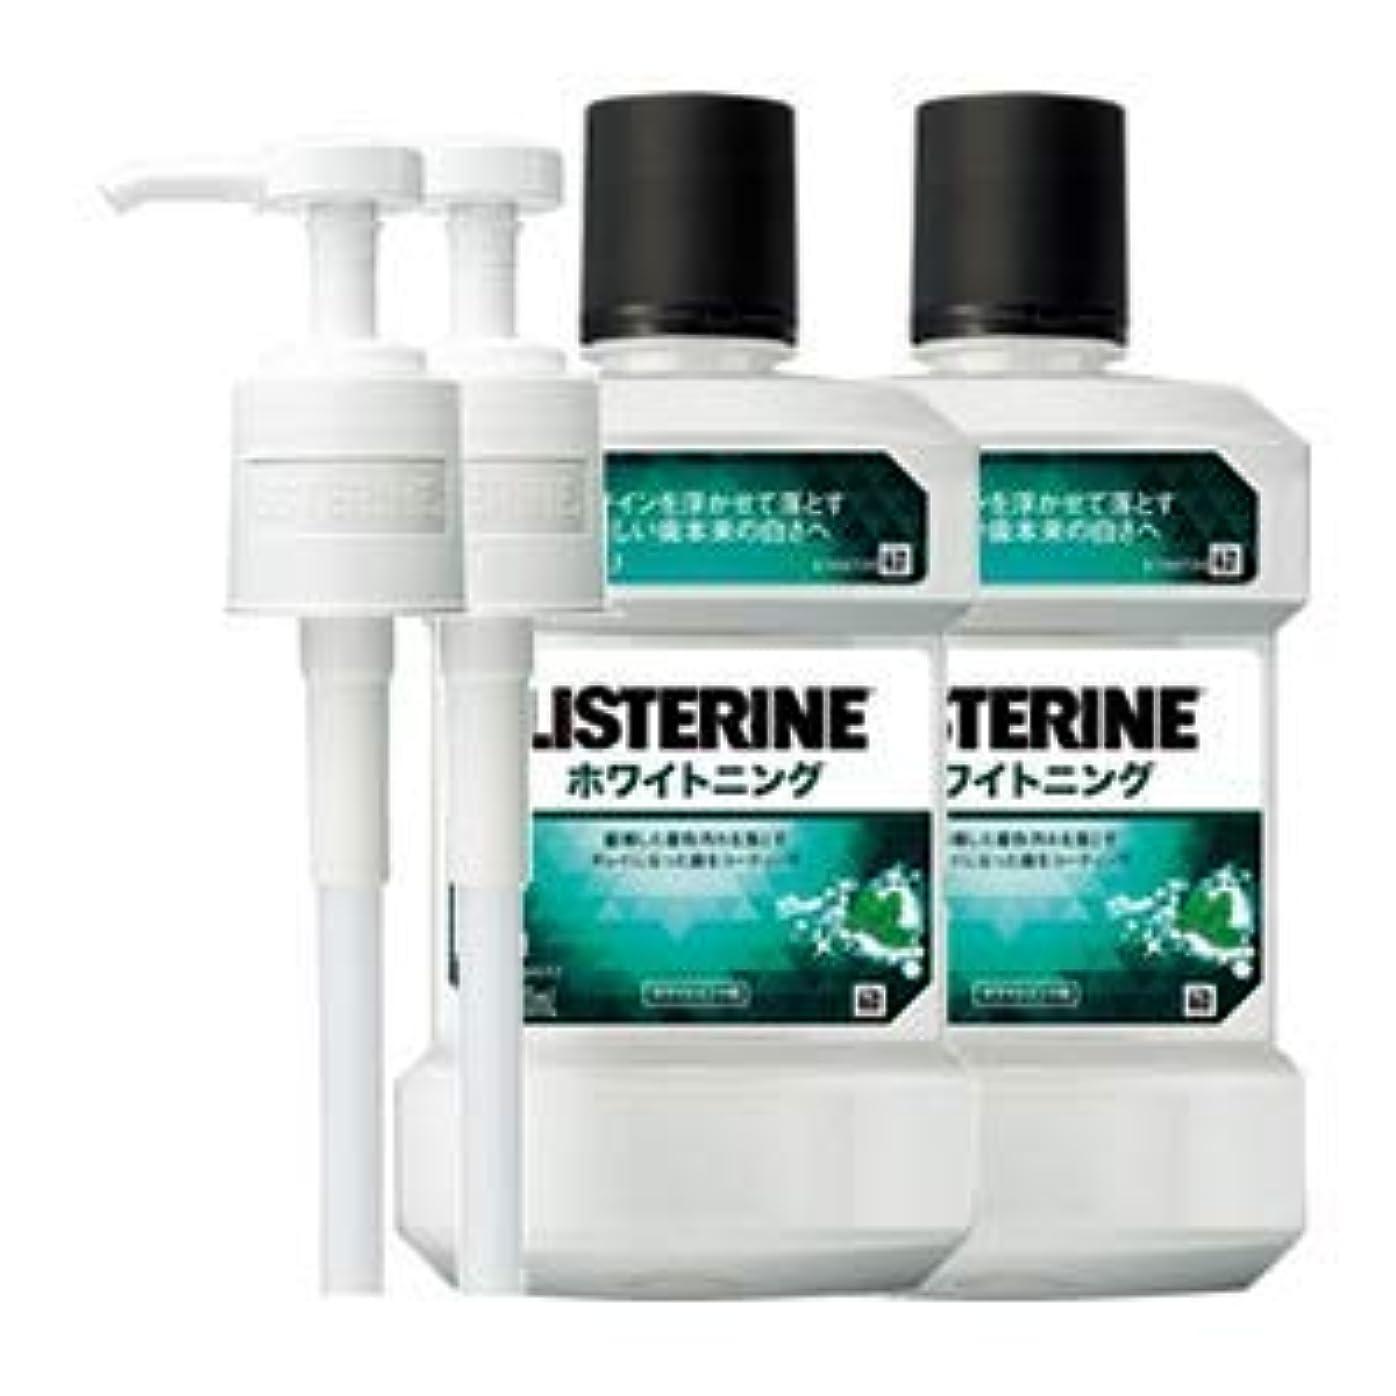 確率伝染性のコマース薬用 リステリン ホワイトニング (液体歯磨) 1000mL 2点セット (ポンプ付)